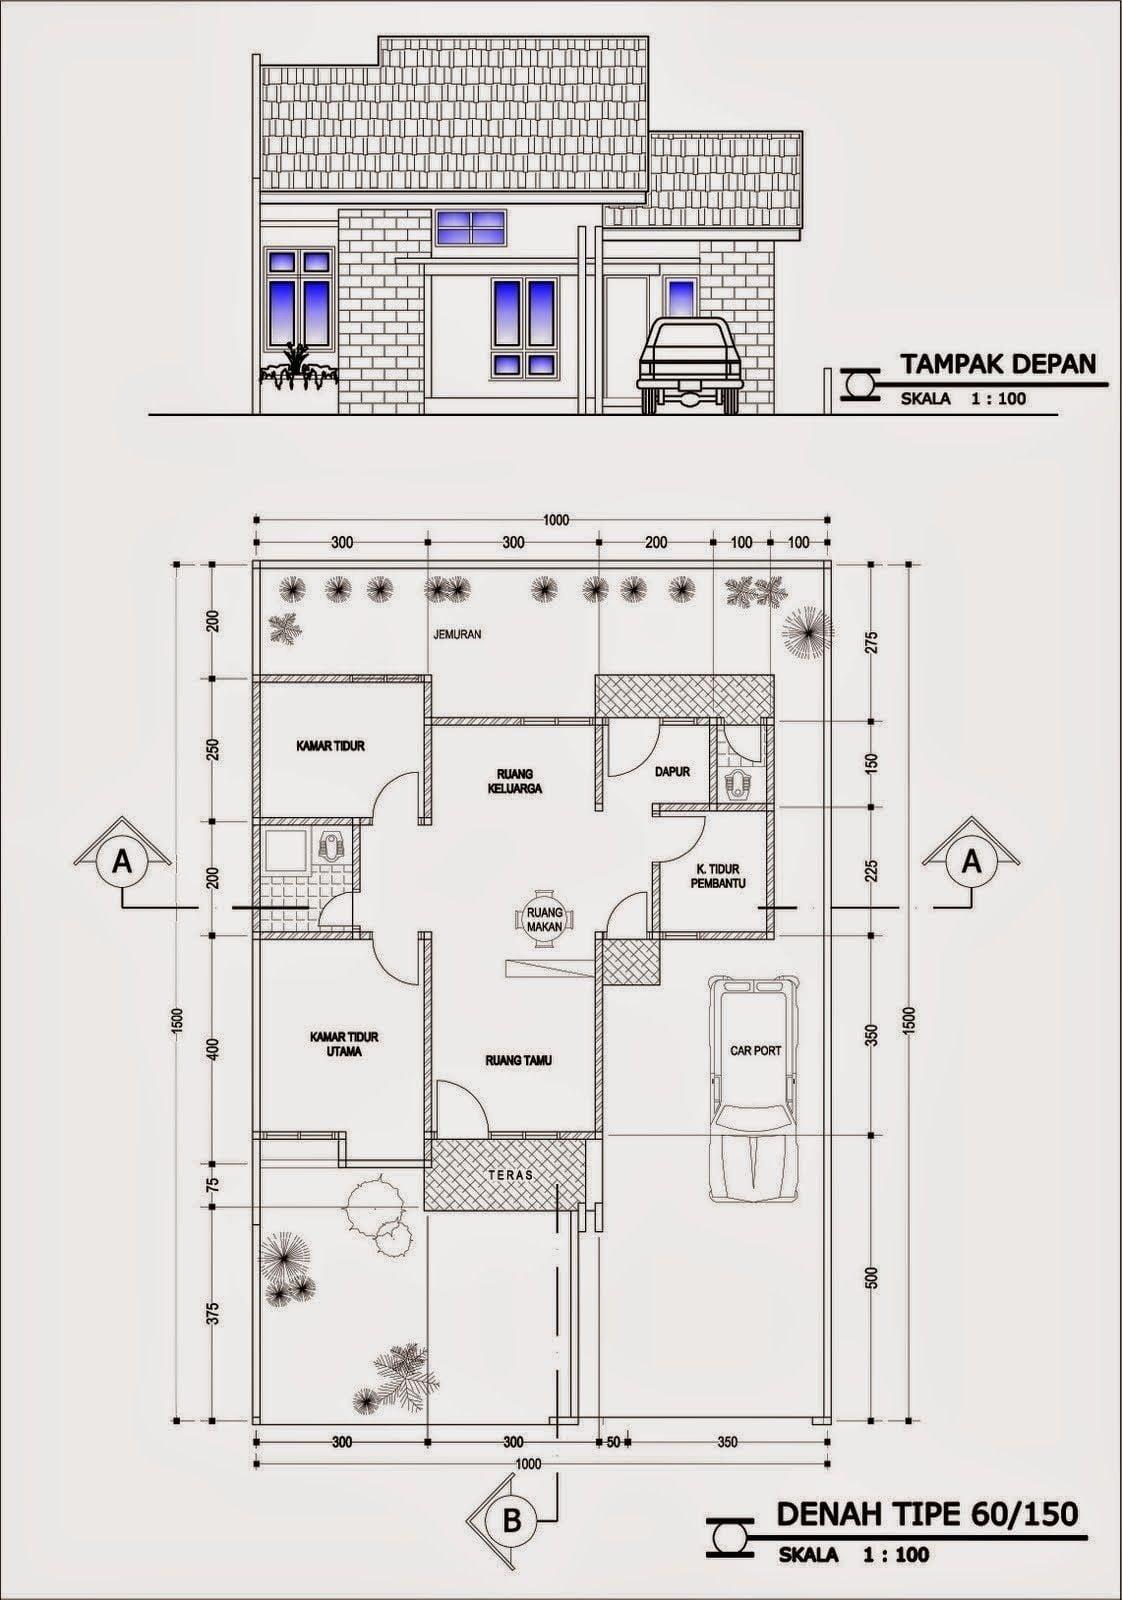 Desain Rumah 10x15 : desain, rumah, 10x15, Kumpulan, Desain, Rumah, Ukuran, 10X15, Terbaru, Terbaik, Deagam, Design